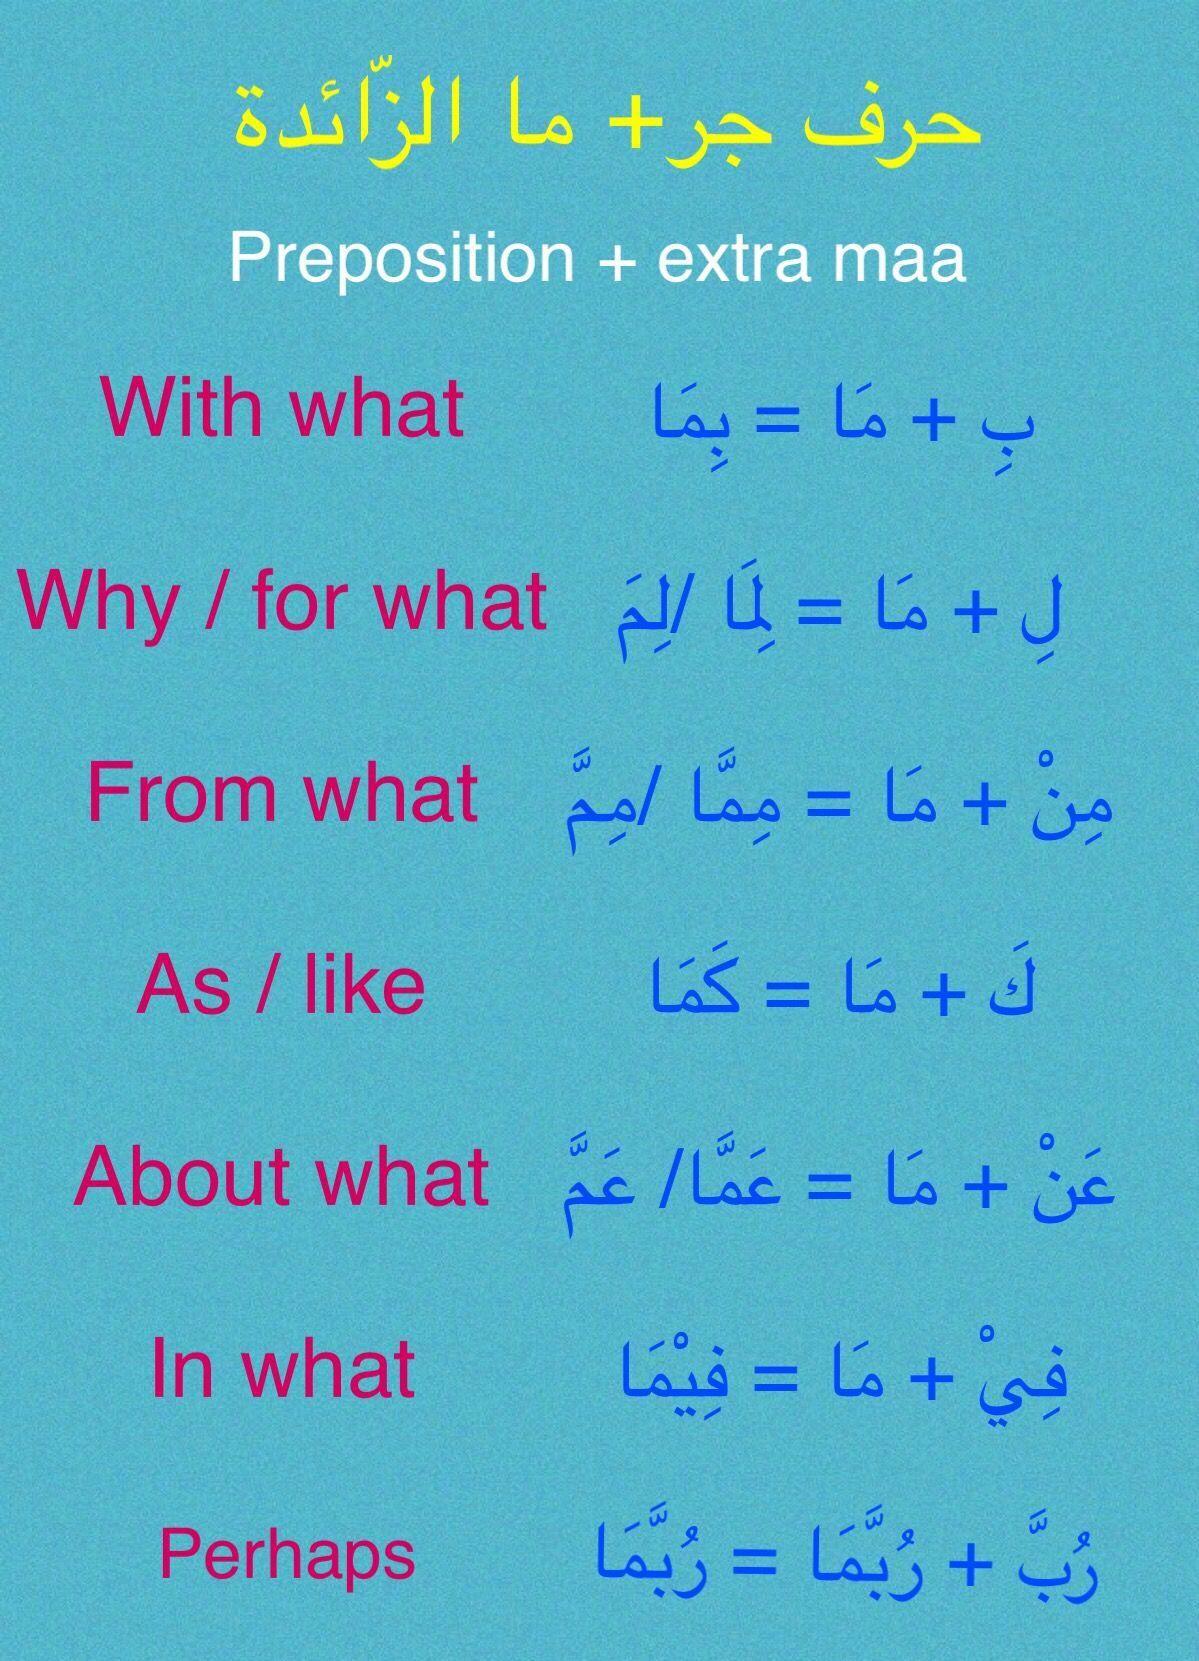 ما الزائدة Apprendreanglais Apprendreanglaisenfant Anglaisfacile Coursanglais Parleranglais Apprendreang Arabic Language Learning Arabic Learn Arabic Language